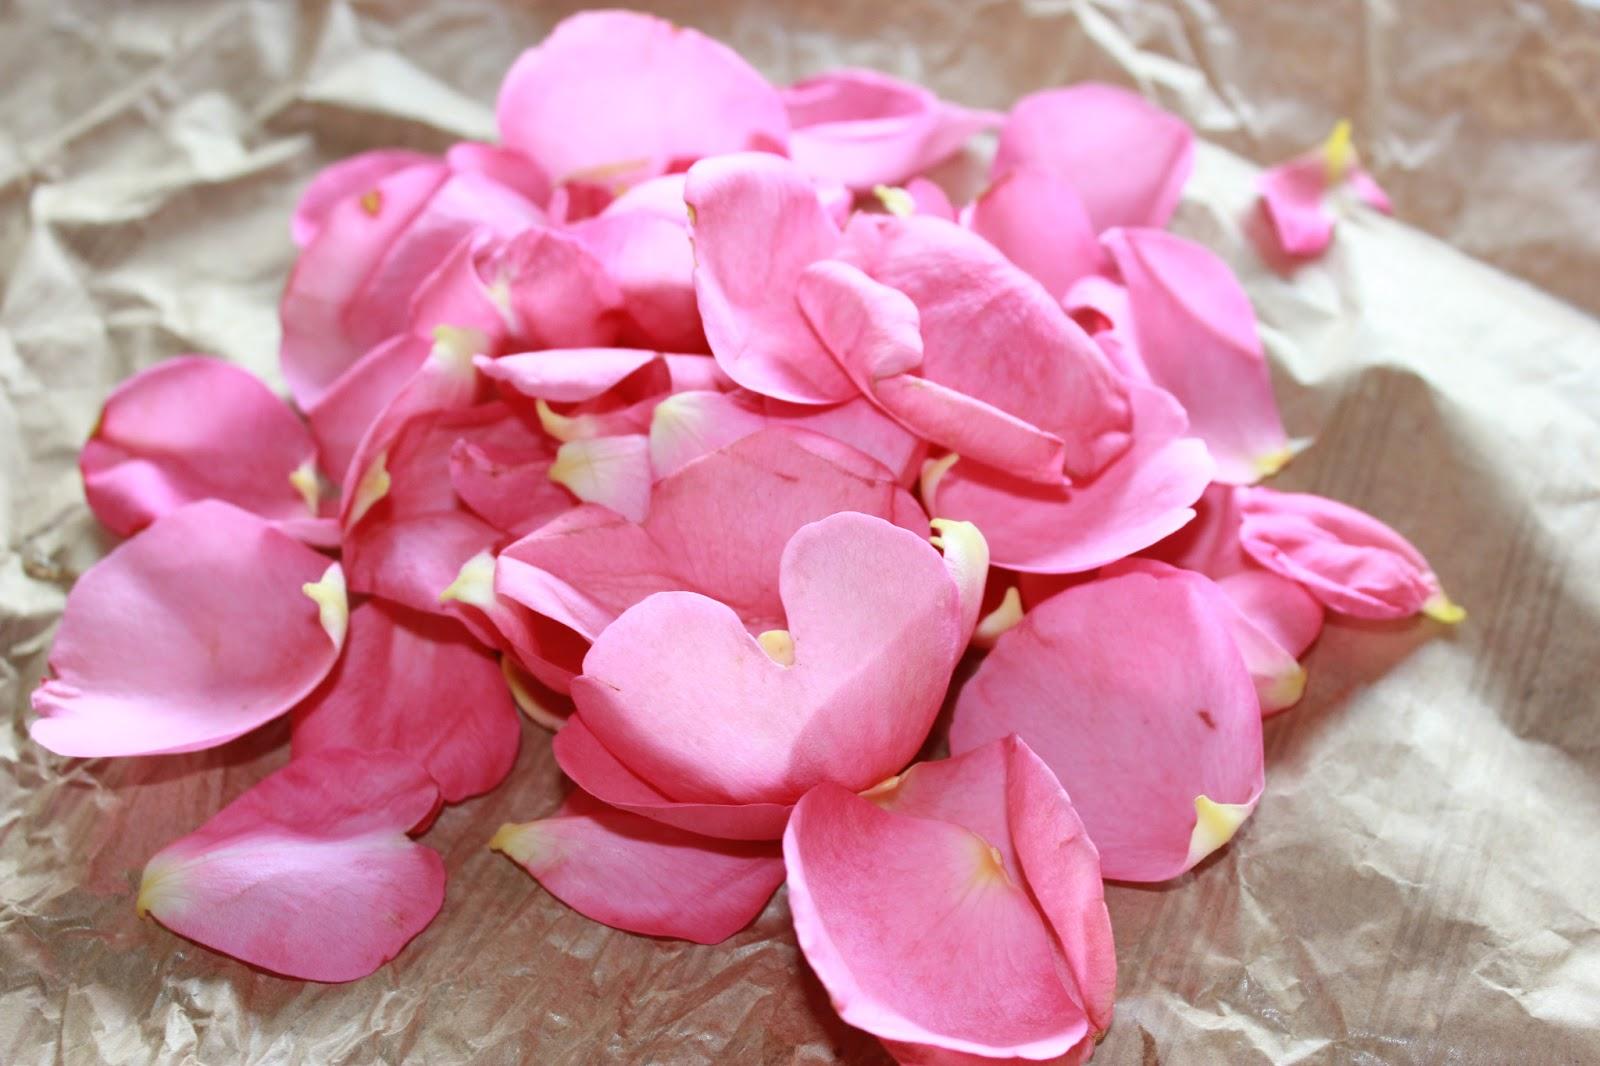 Cuill re et saladier p tales de rose cristallis s - Petale de rose comestible ...